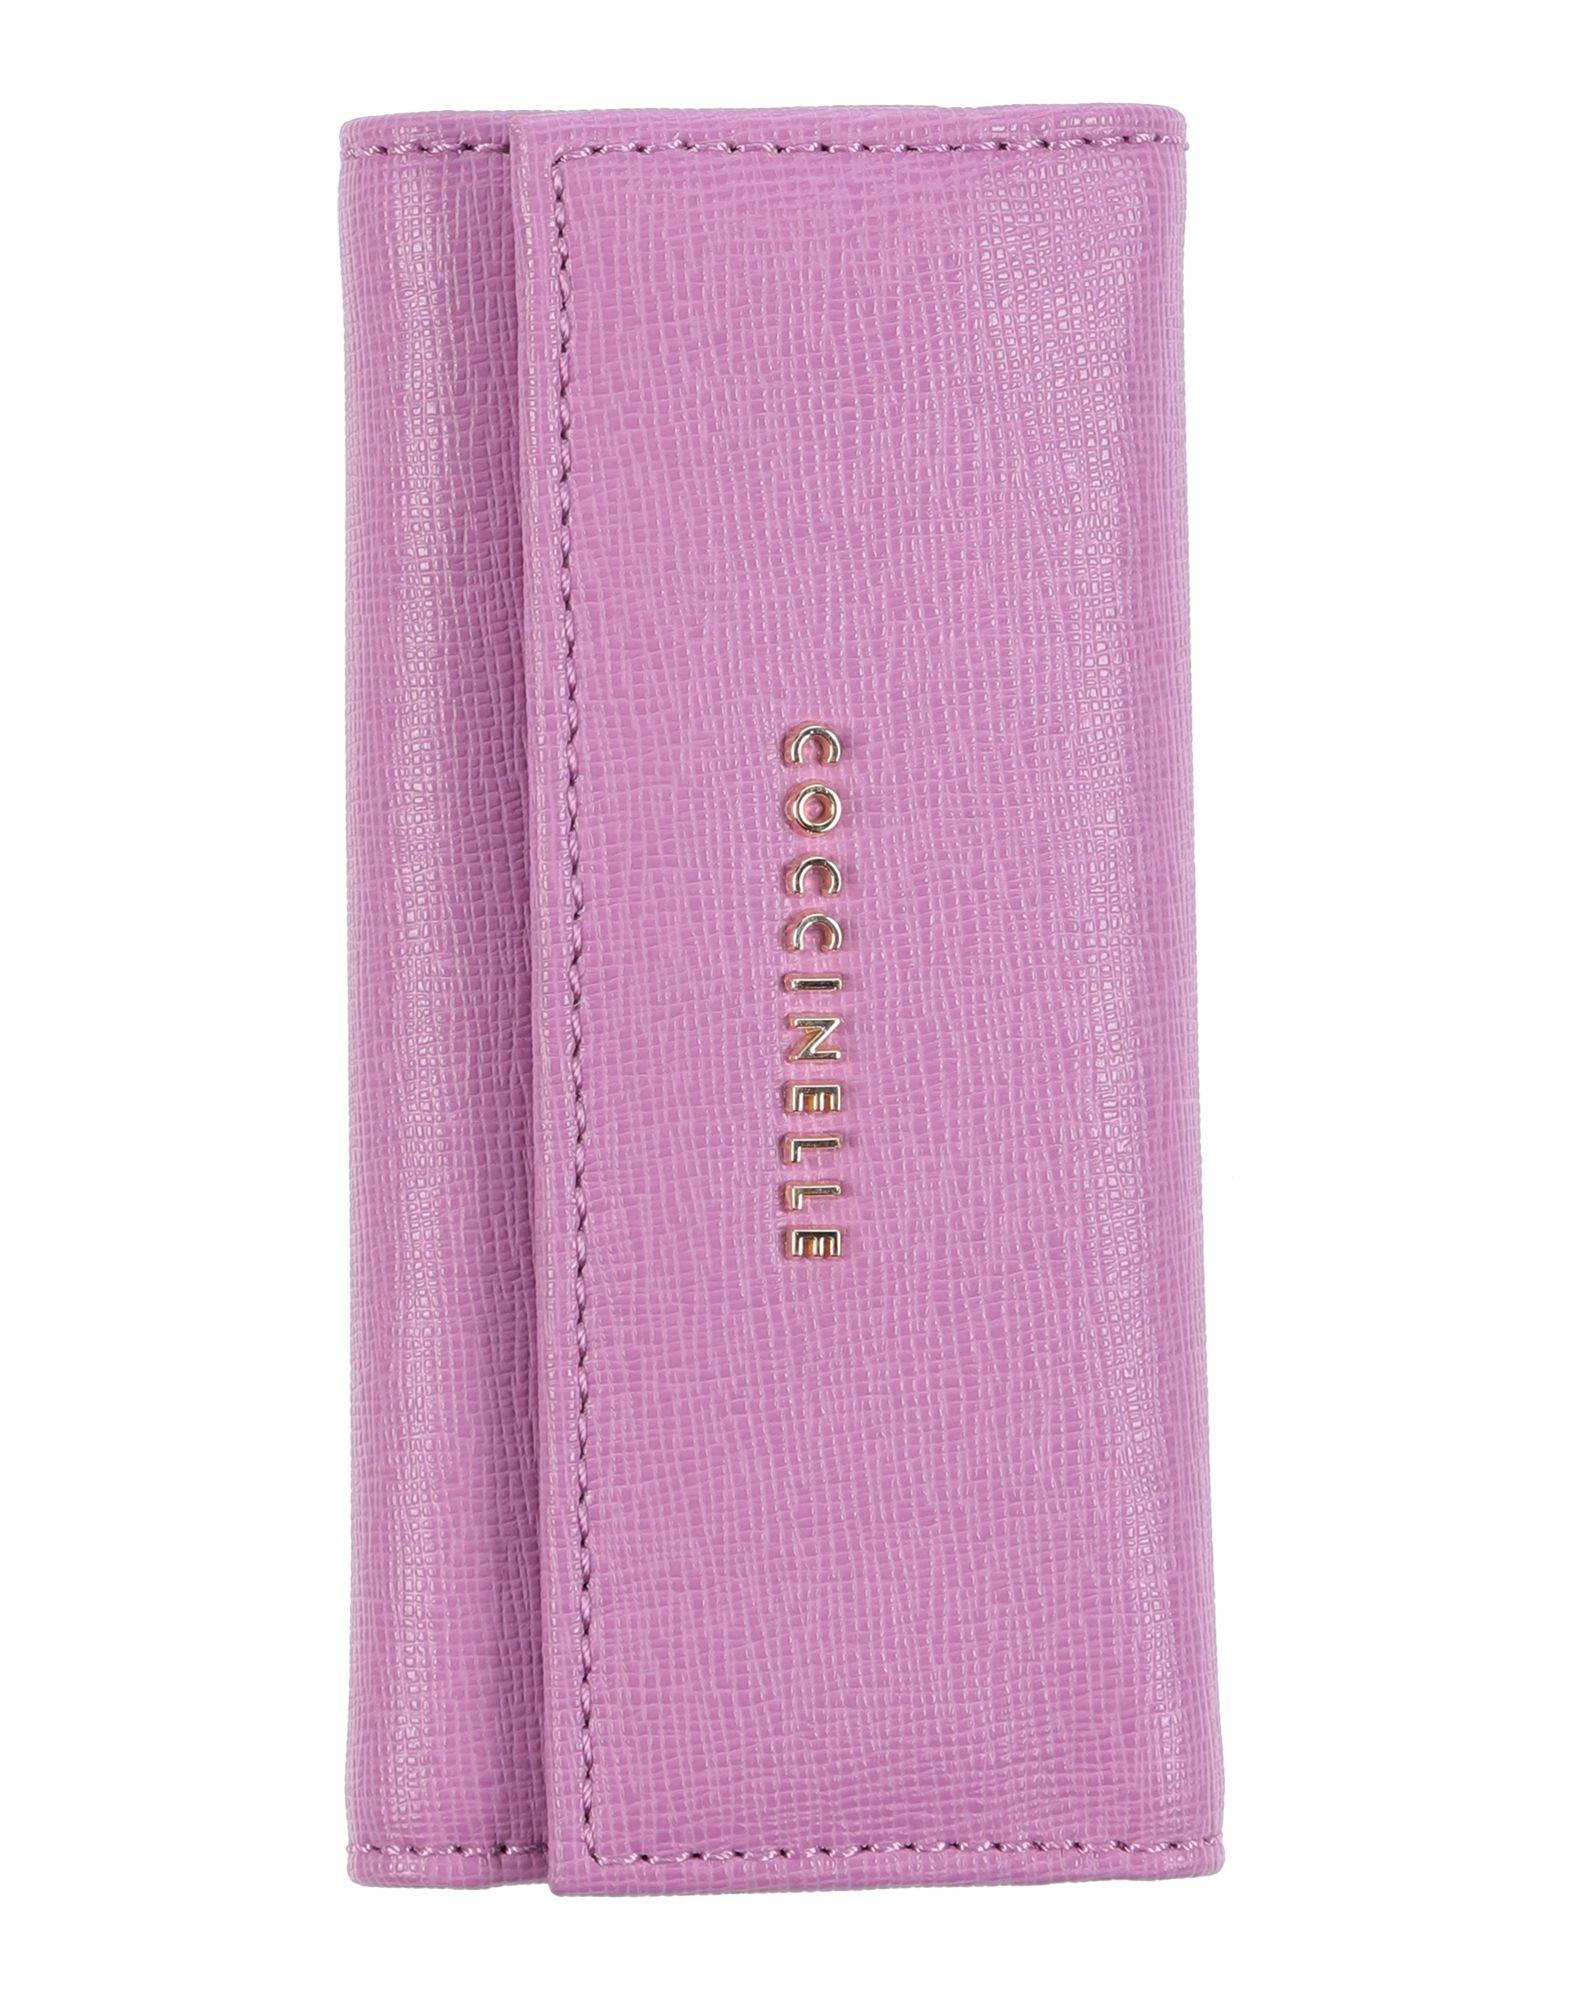 COCCINELLE Брелок для ключей jobon bang bang с двойным кольцом для ключей легко снимать брелок для ключей брелок для ключей брелок для ключей zb 8753g красный розовое золото